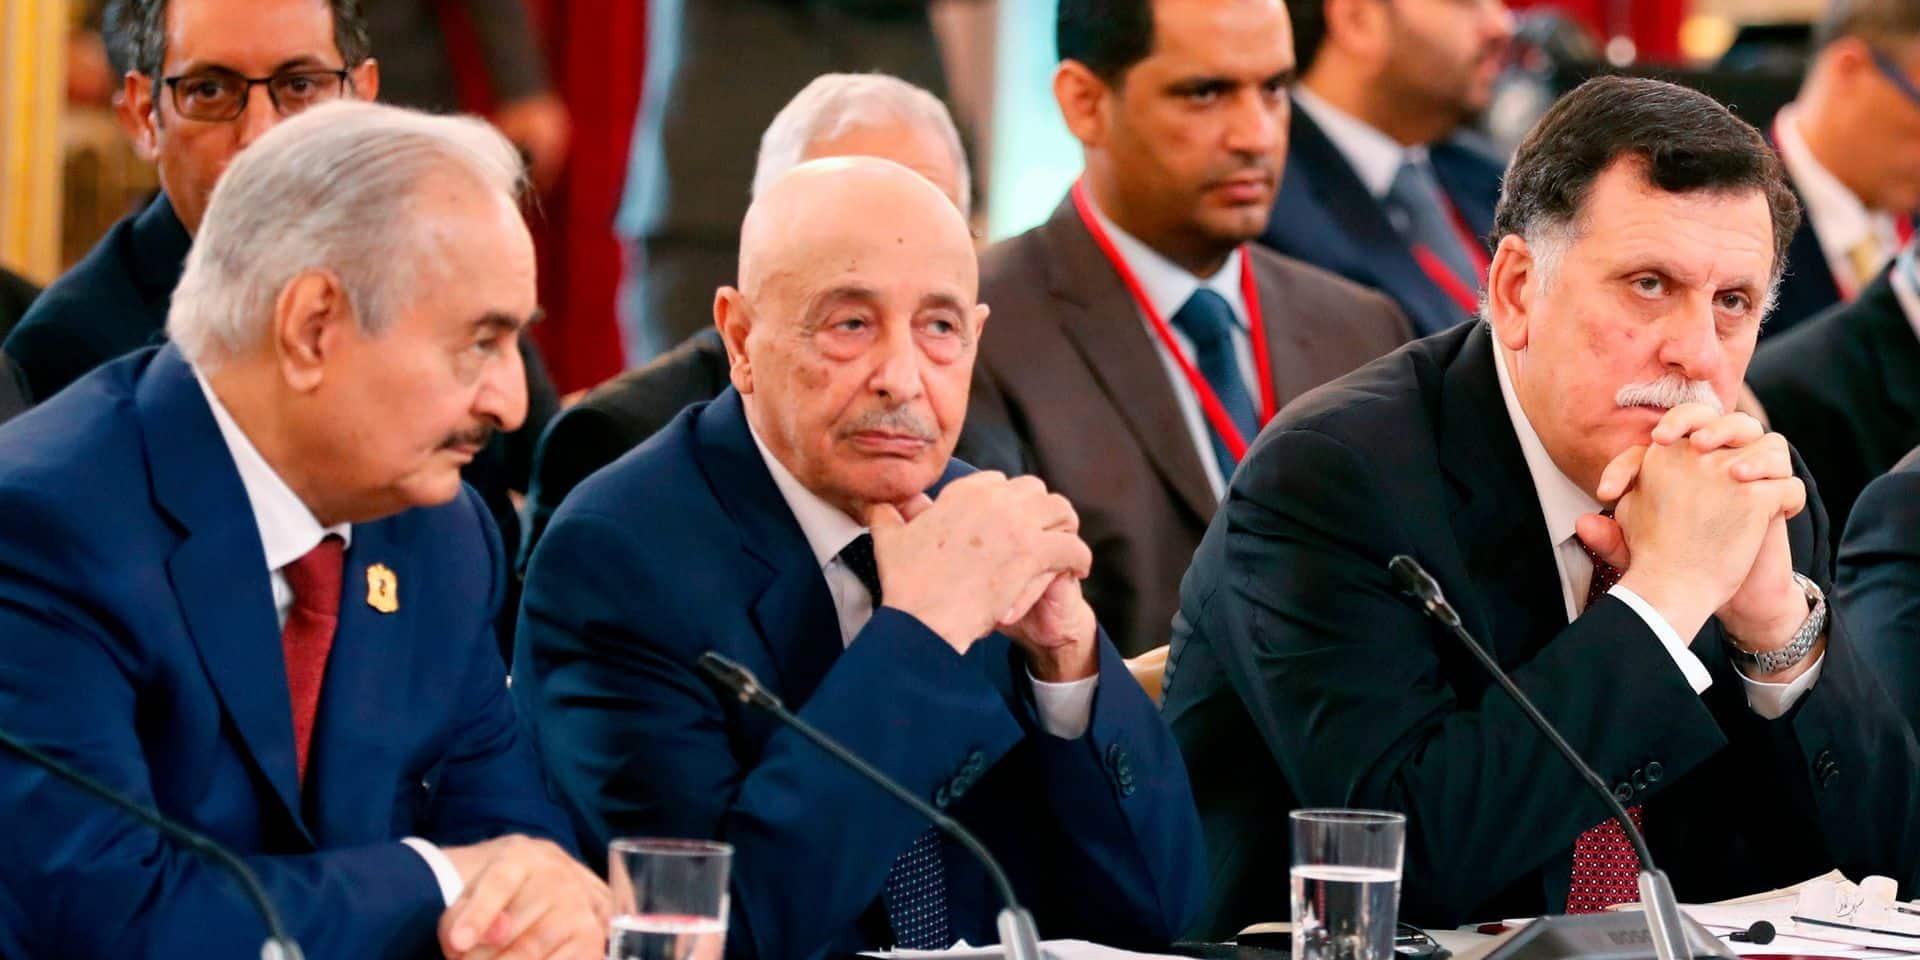 Libye: un arrêt des combats suivi d'élections